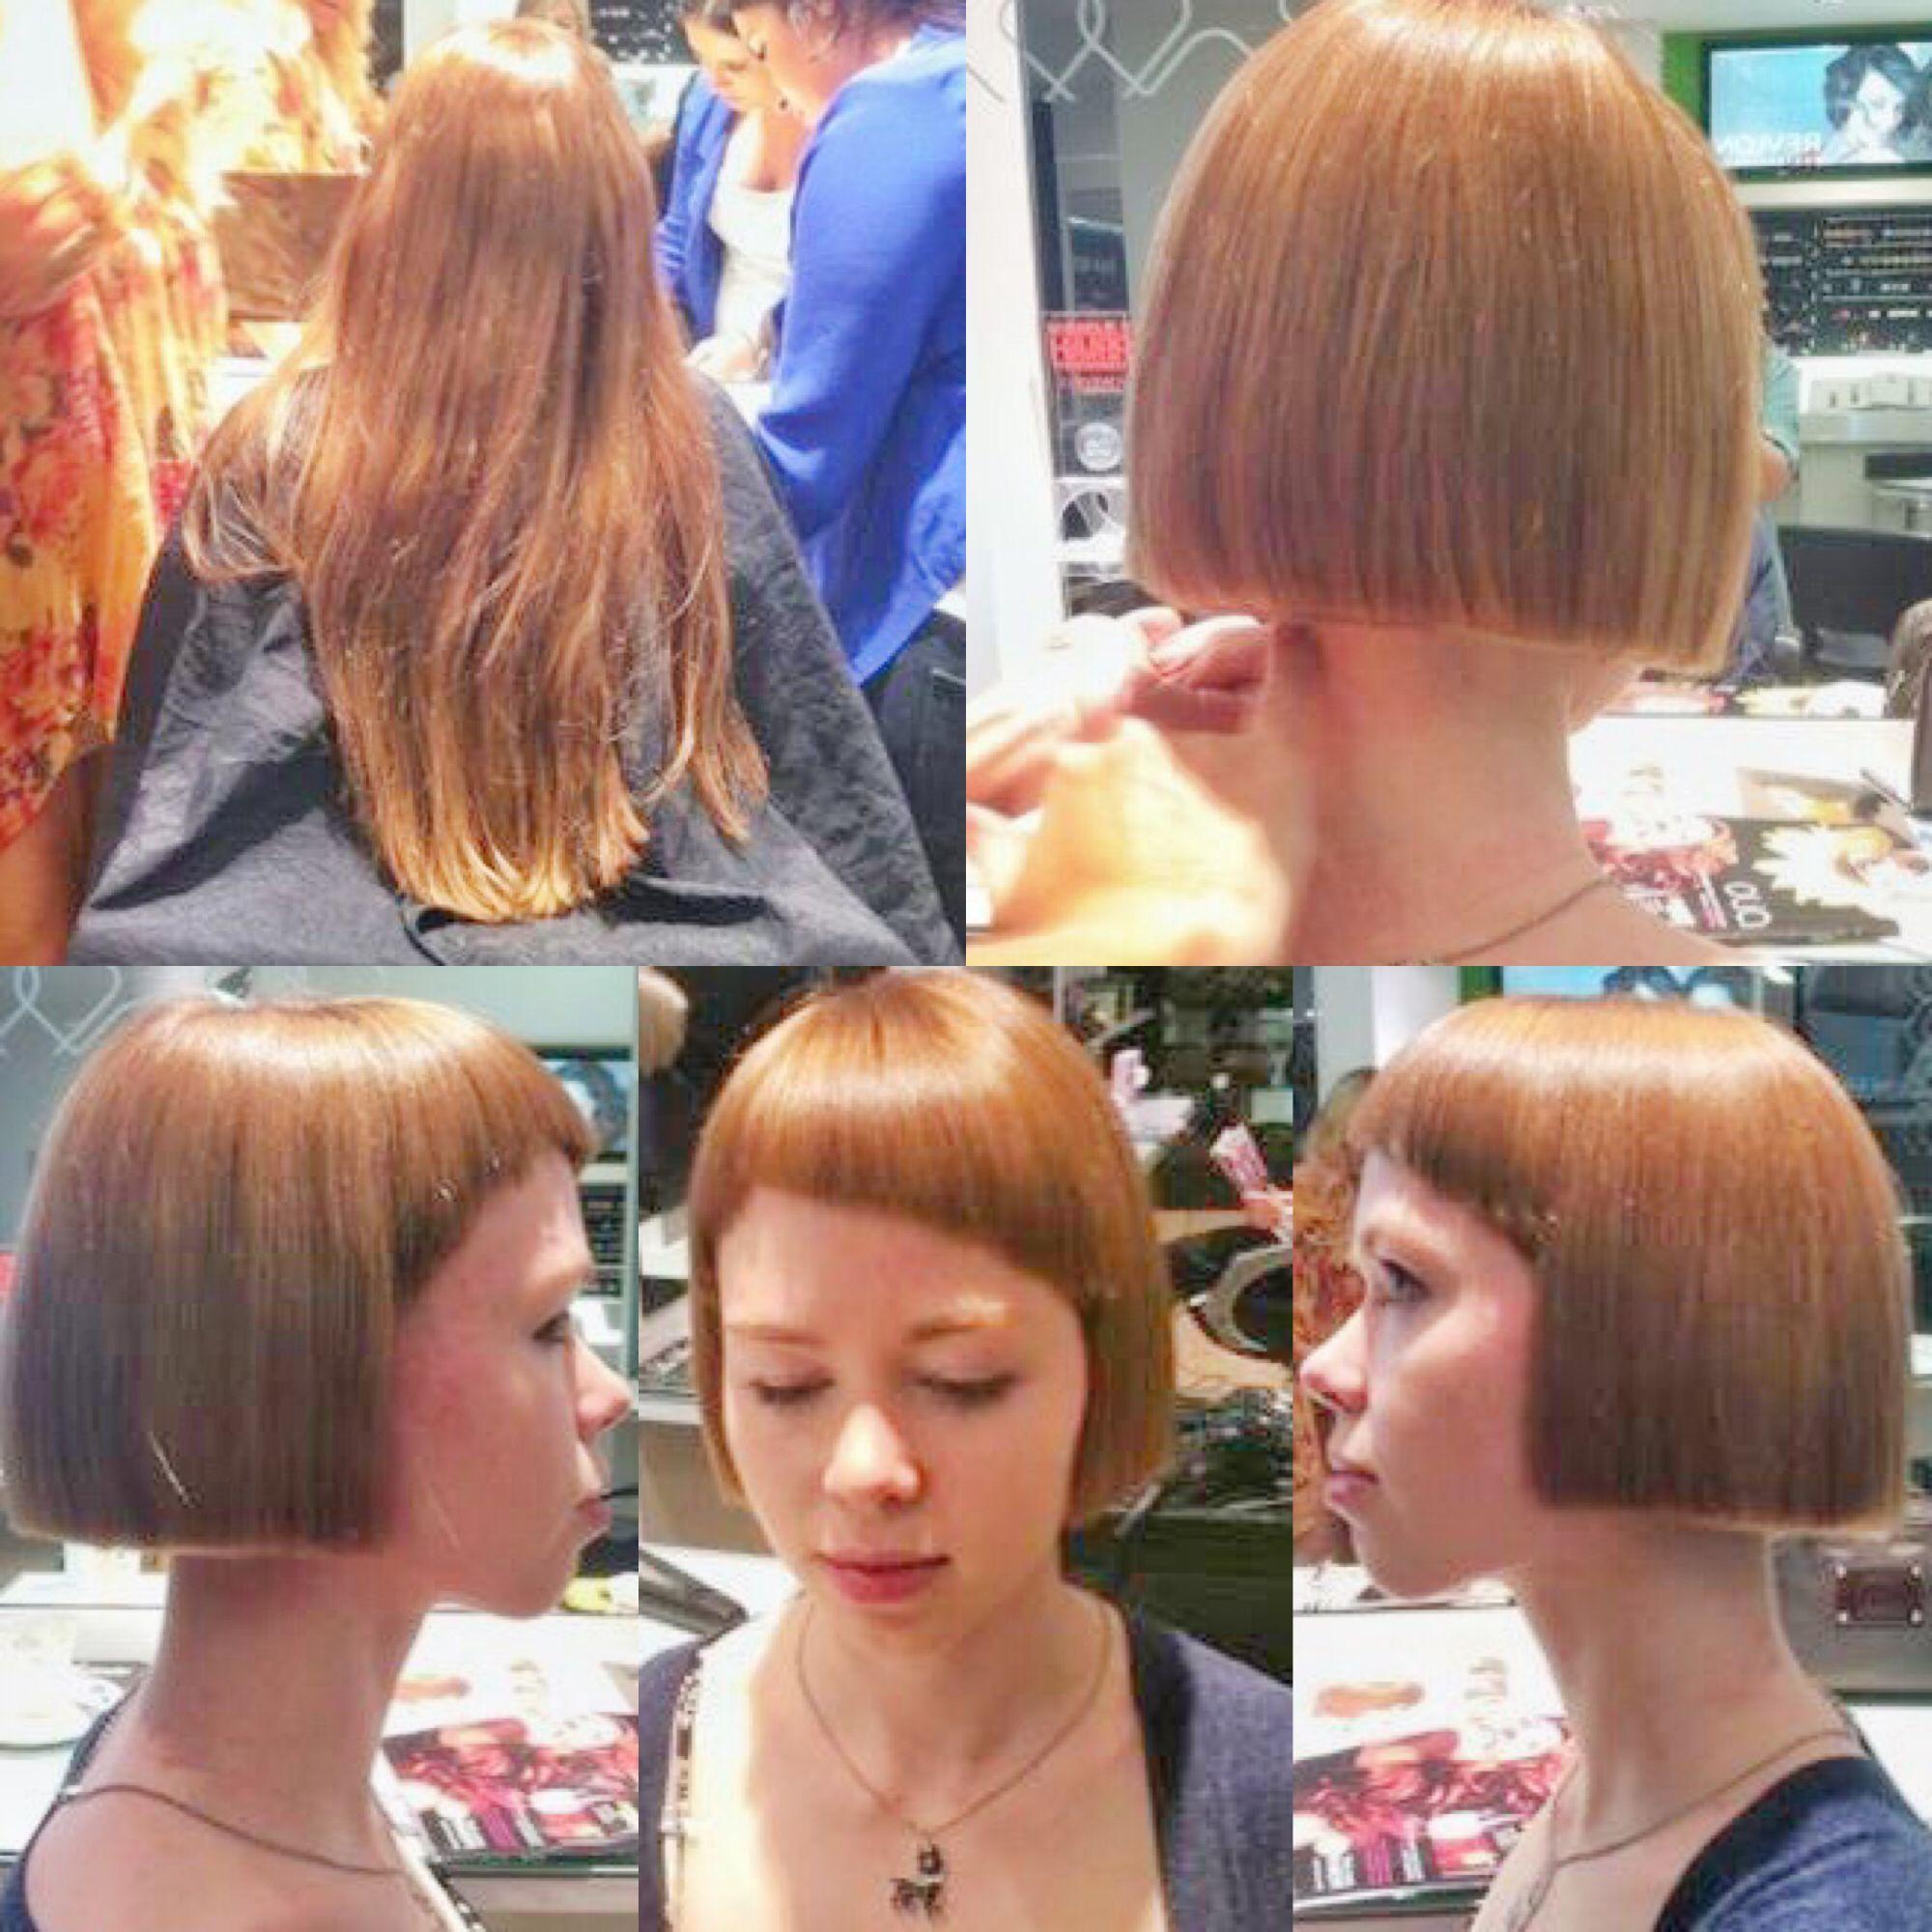 Épinglé par Gnebot sur Rousses coupe longue cheveulure en